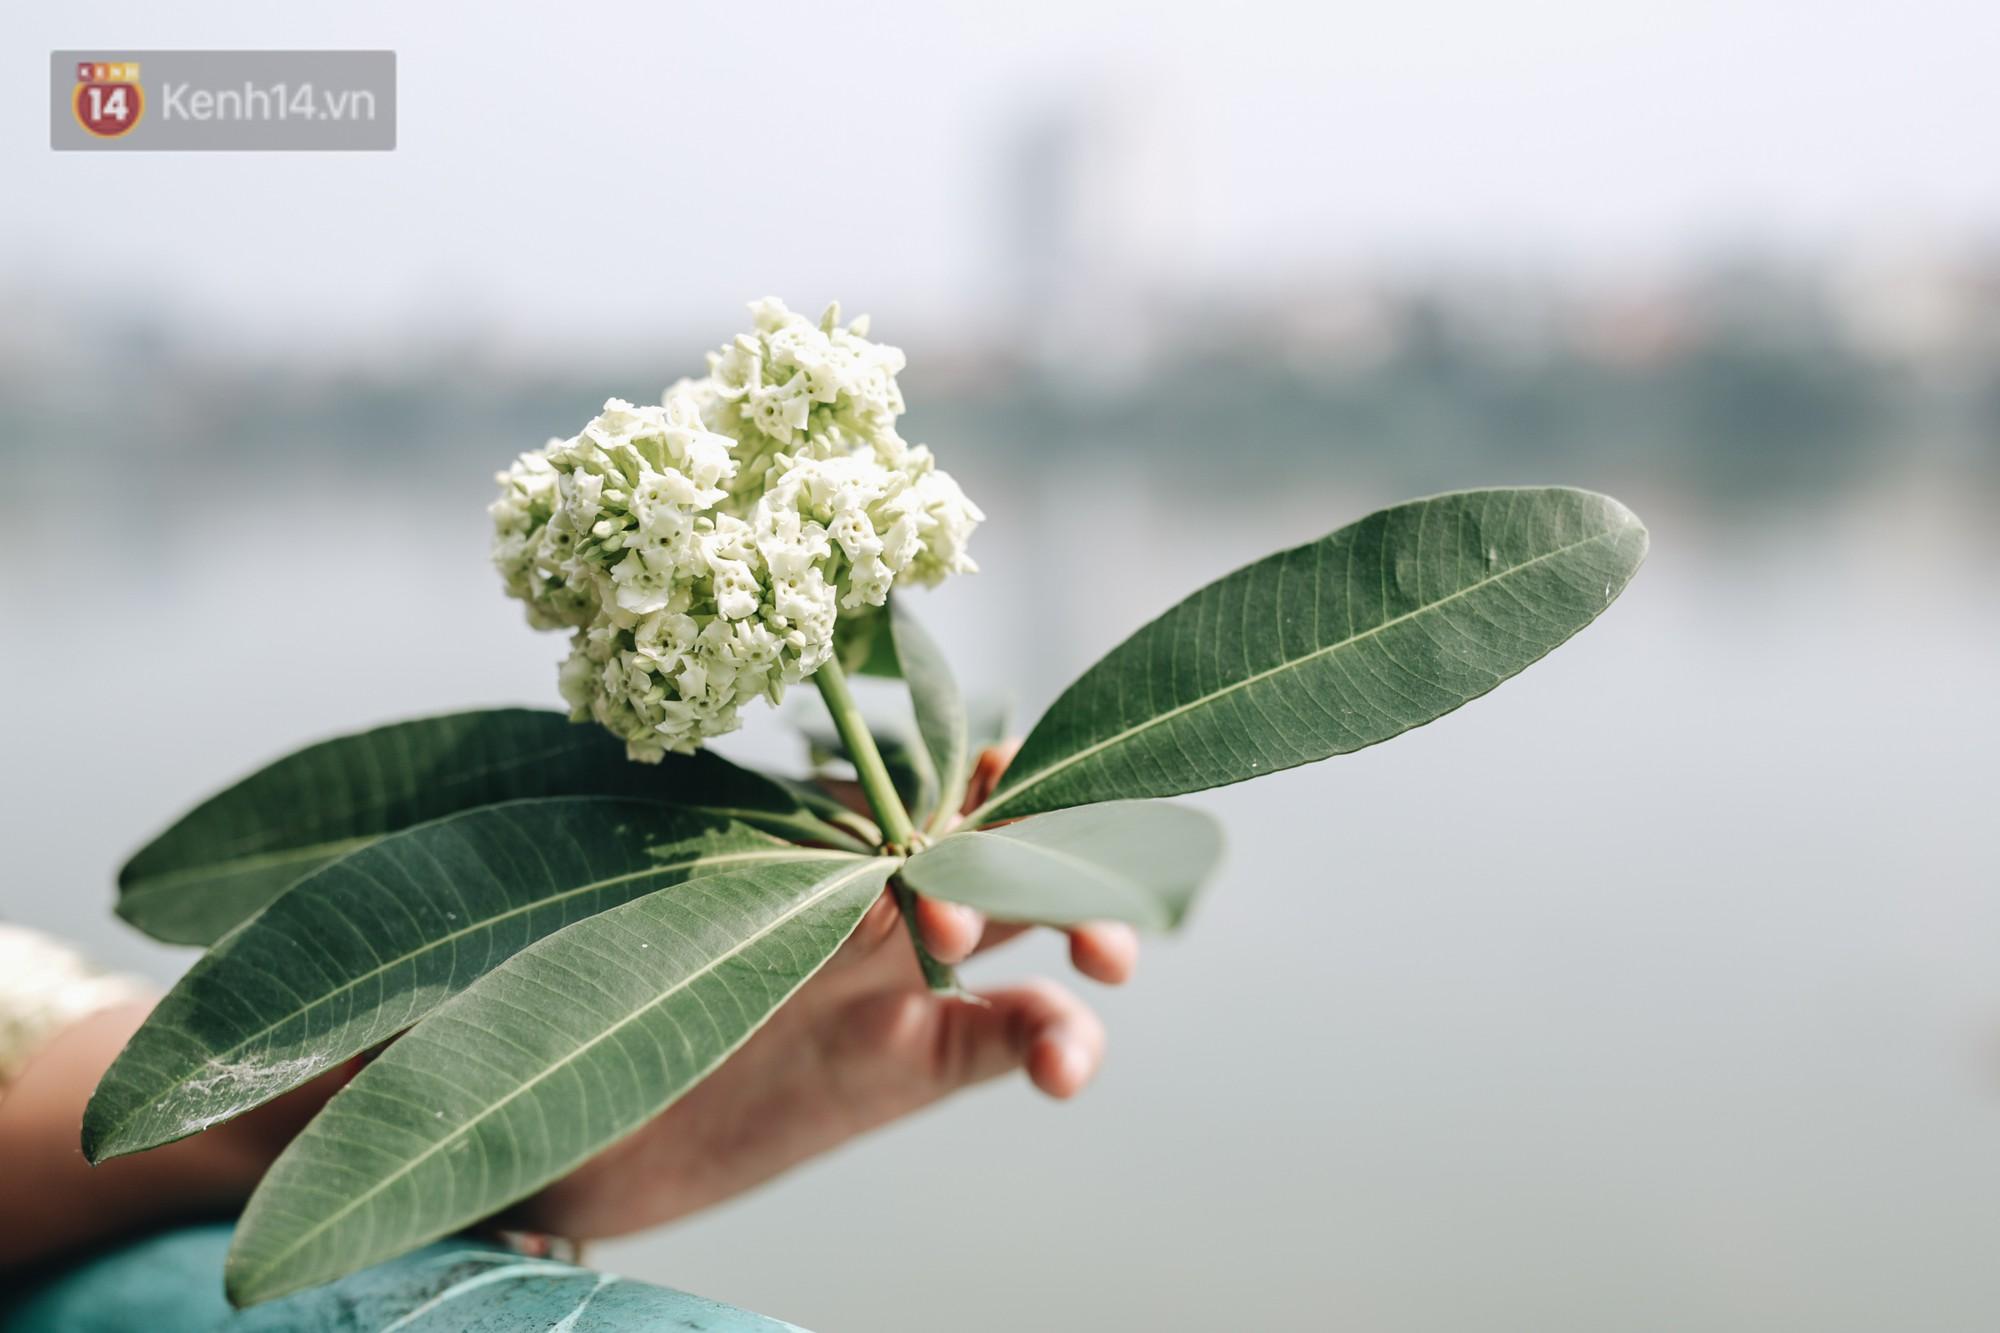 Lại một mùa nồng nàn hoa sữa: Từ biểu tượng mùa thu Hà Nội tới nỗi ám ảnh kinh hoàng trong gió - Ảnh 2.